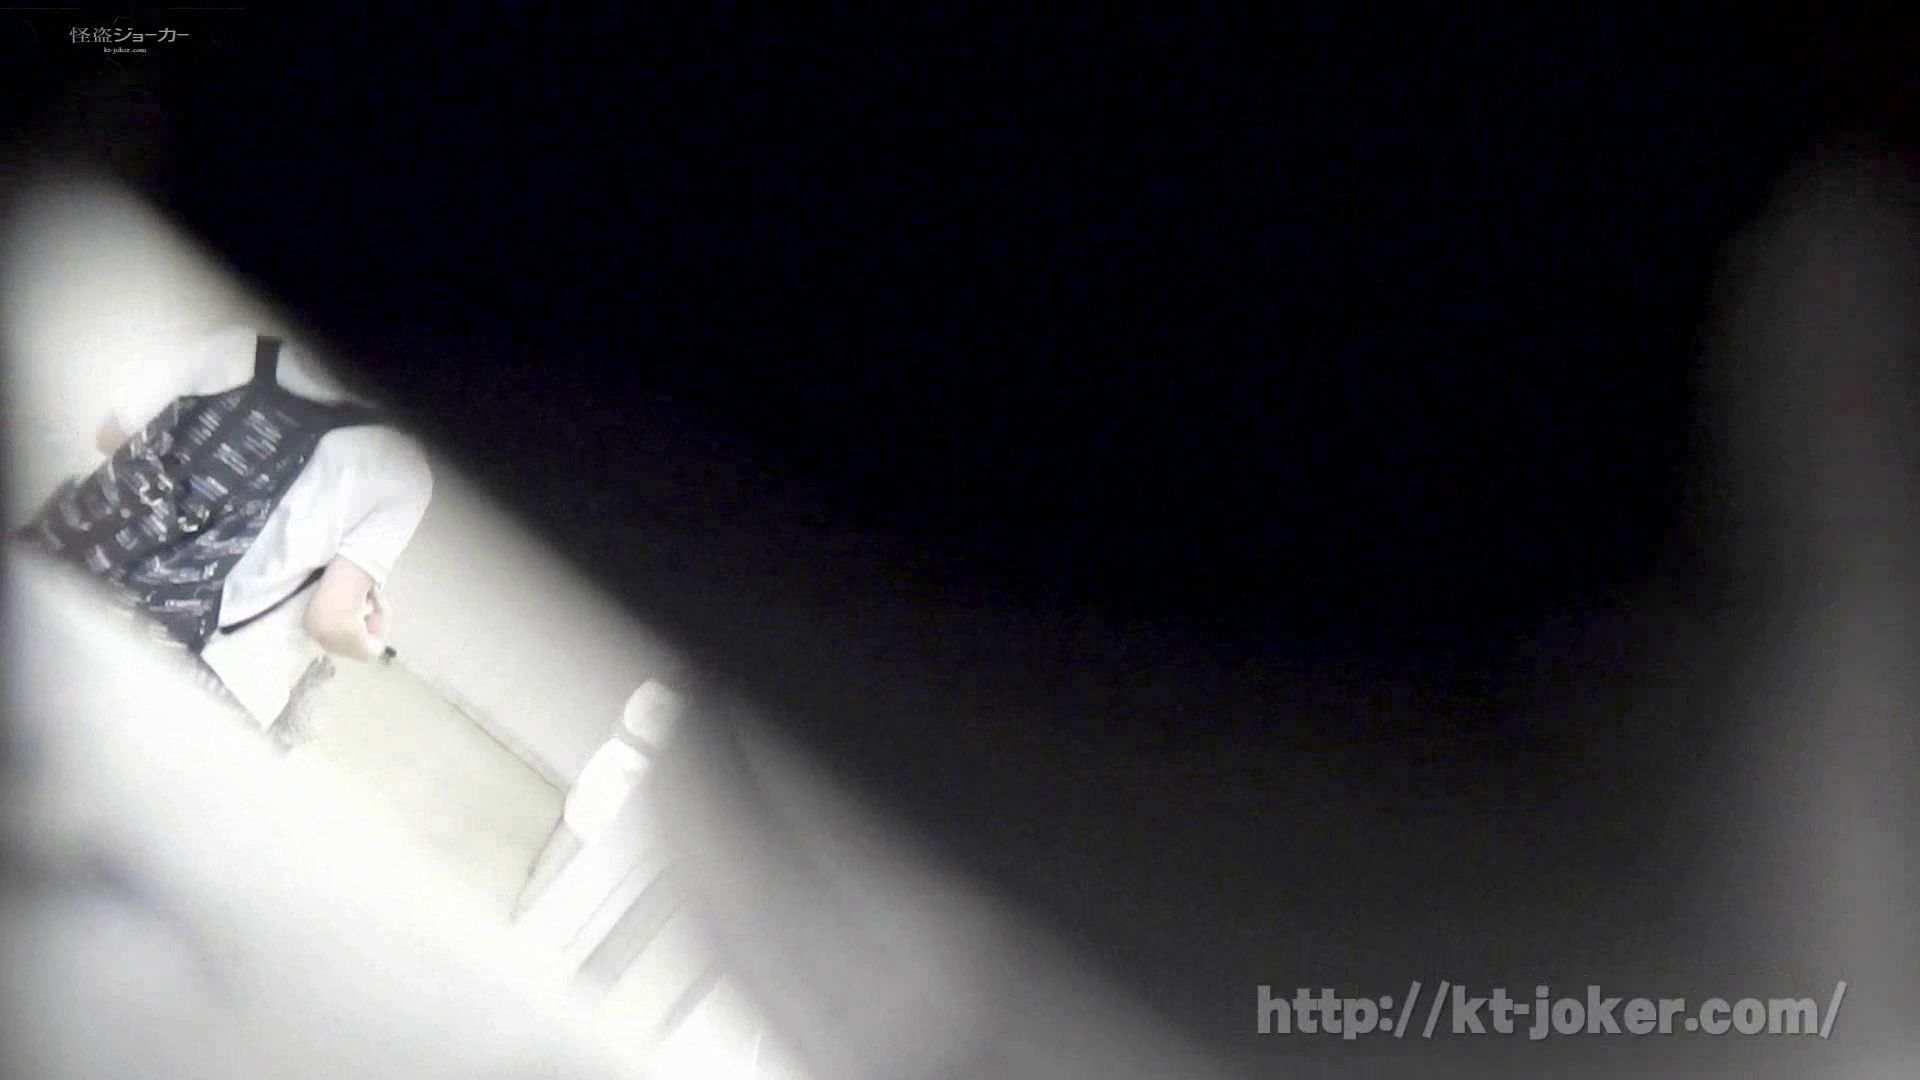 命がけ潜伏洗面所! vol.58 さらなる無謀な挑戦、新アングル、壁に穴を開ける 洗面所   OLセックス  110画像 28